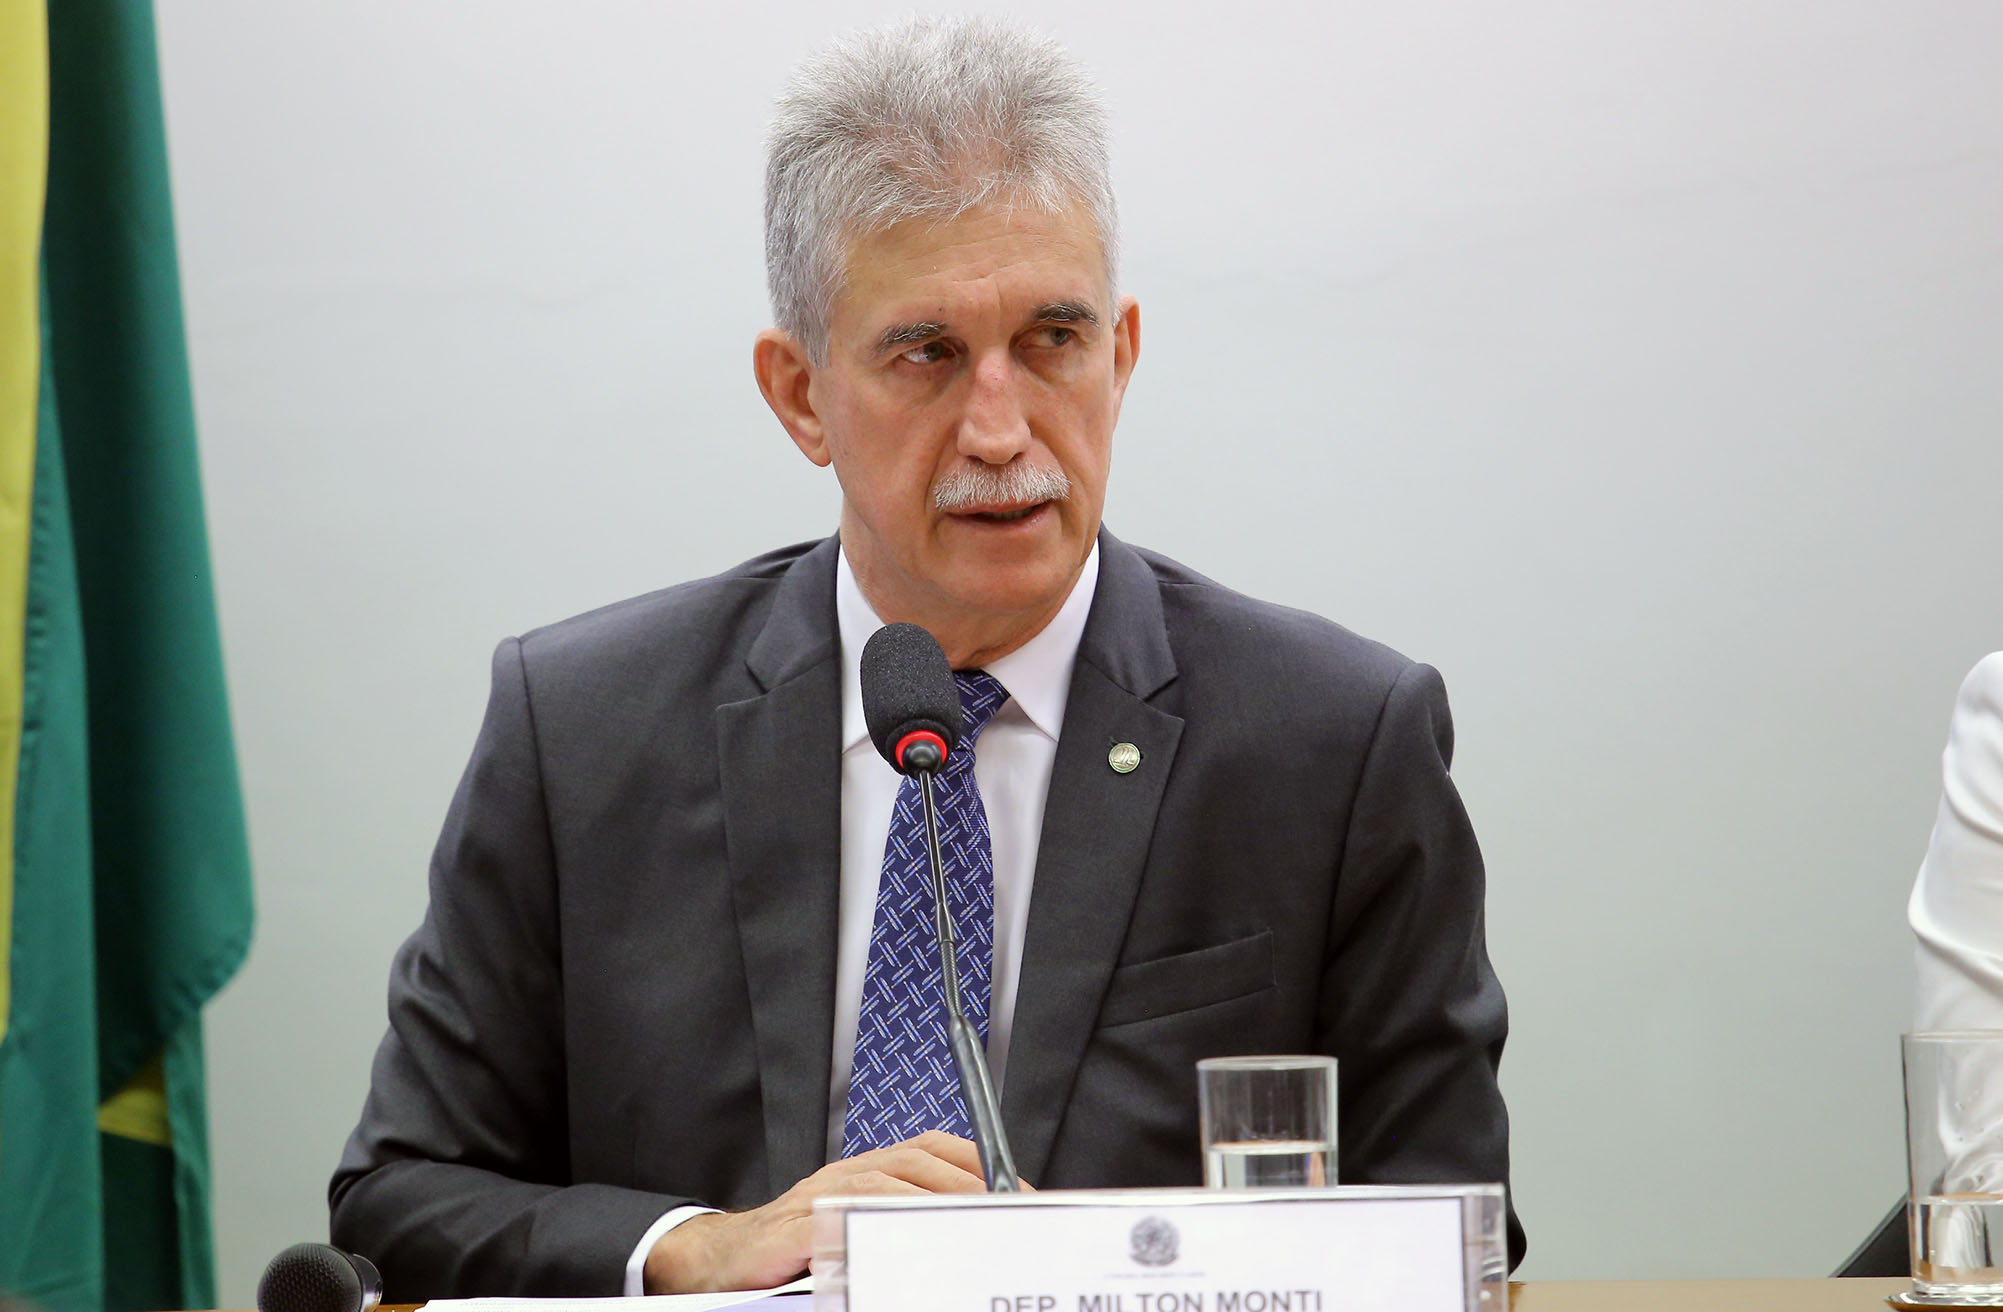 Audiência pública para discutir a situação dos familiares e amigos das vítimas do voo da Chapecoense. Dep. Milton Monti (PR - SP)